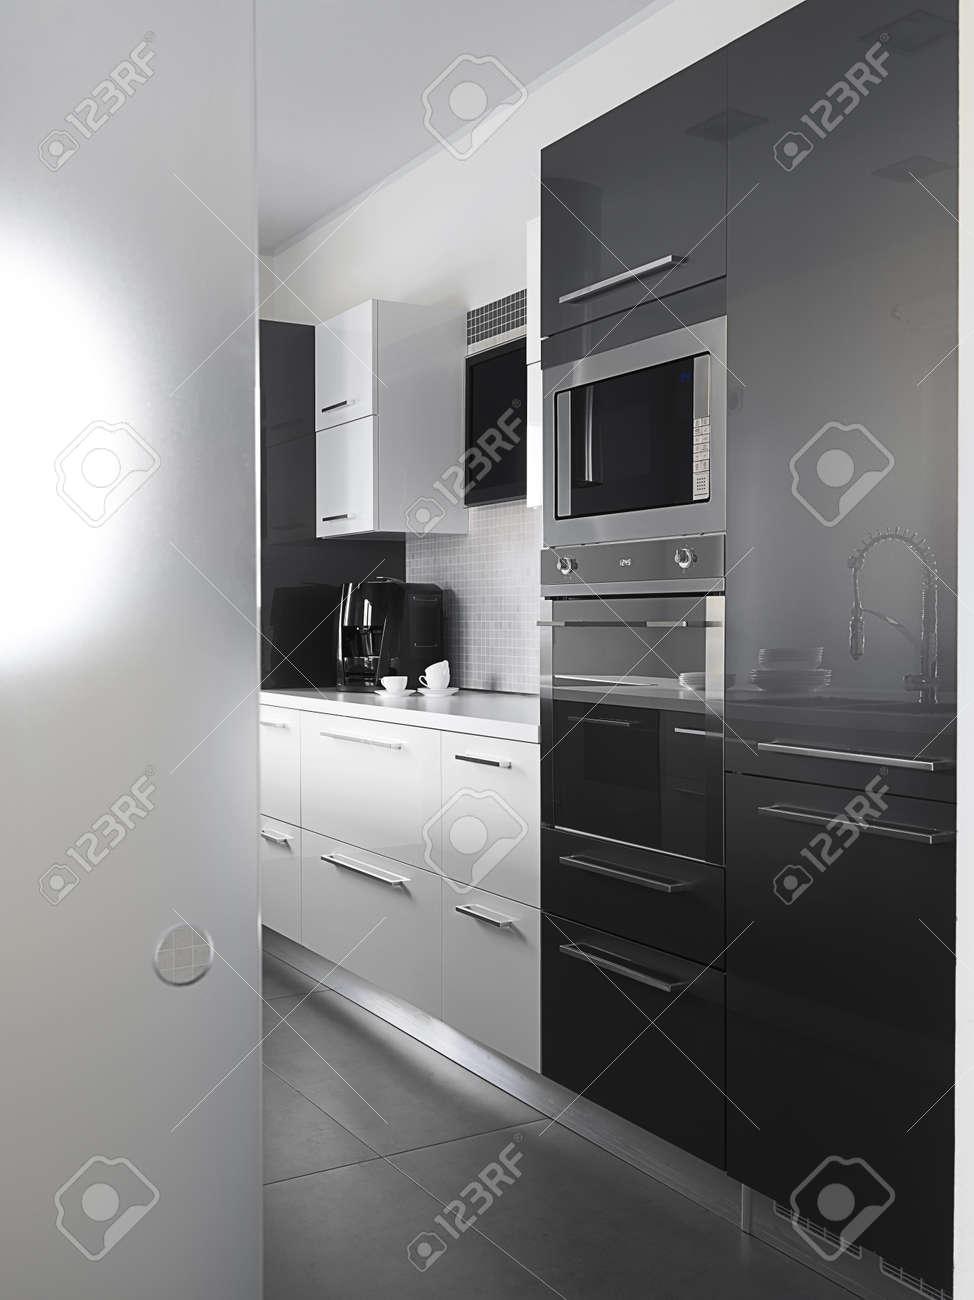 Moderne Keuken Met Grijze Tegelvloer En Witte Muur Royalty-Vrije ...